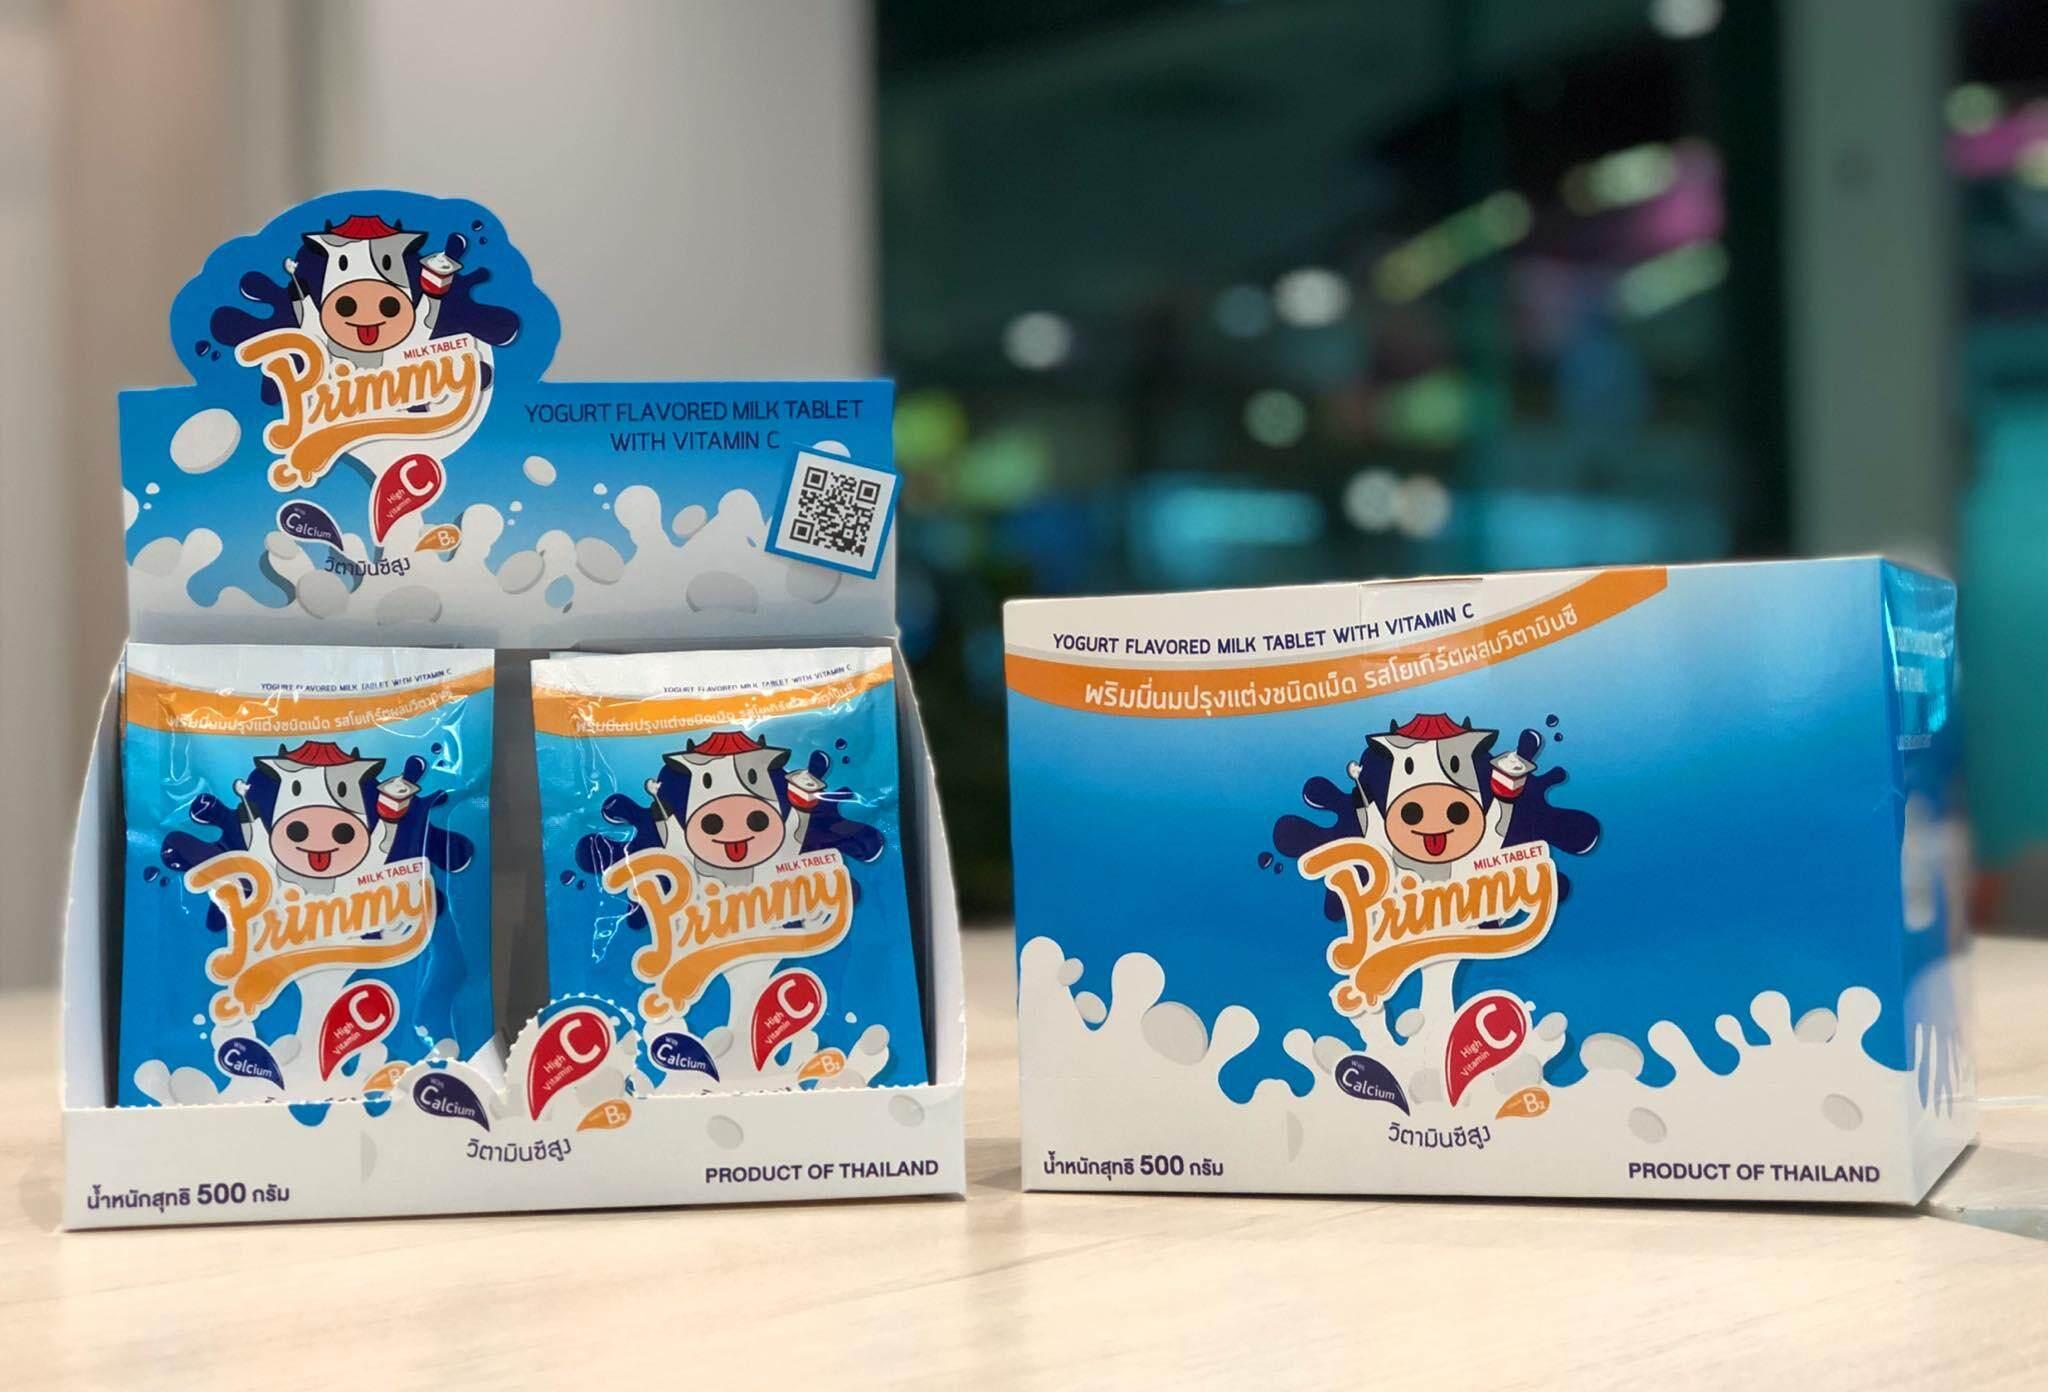 นมอัดเม็ด Primmy Milk ขนาด500กรัม 1กล่อง จำนวน20ซอง By Panfanstore.